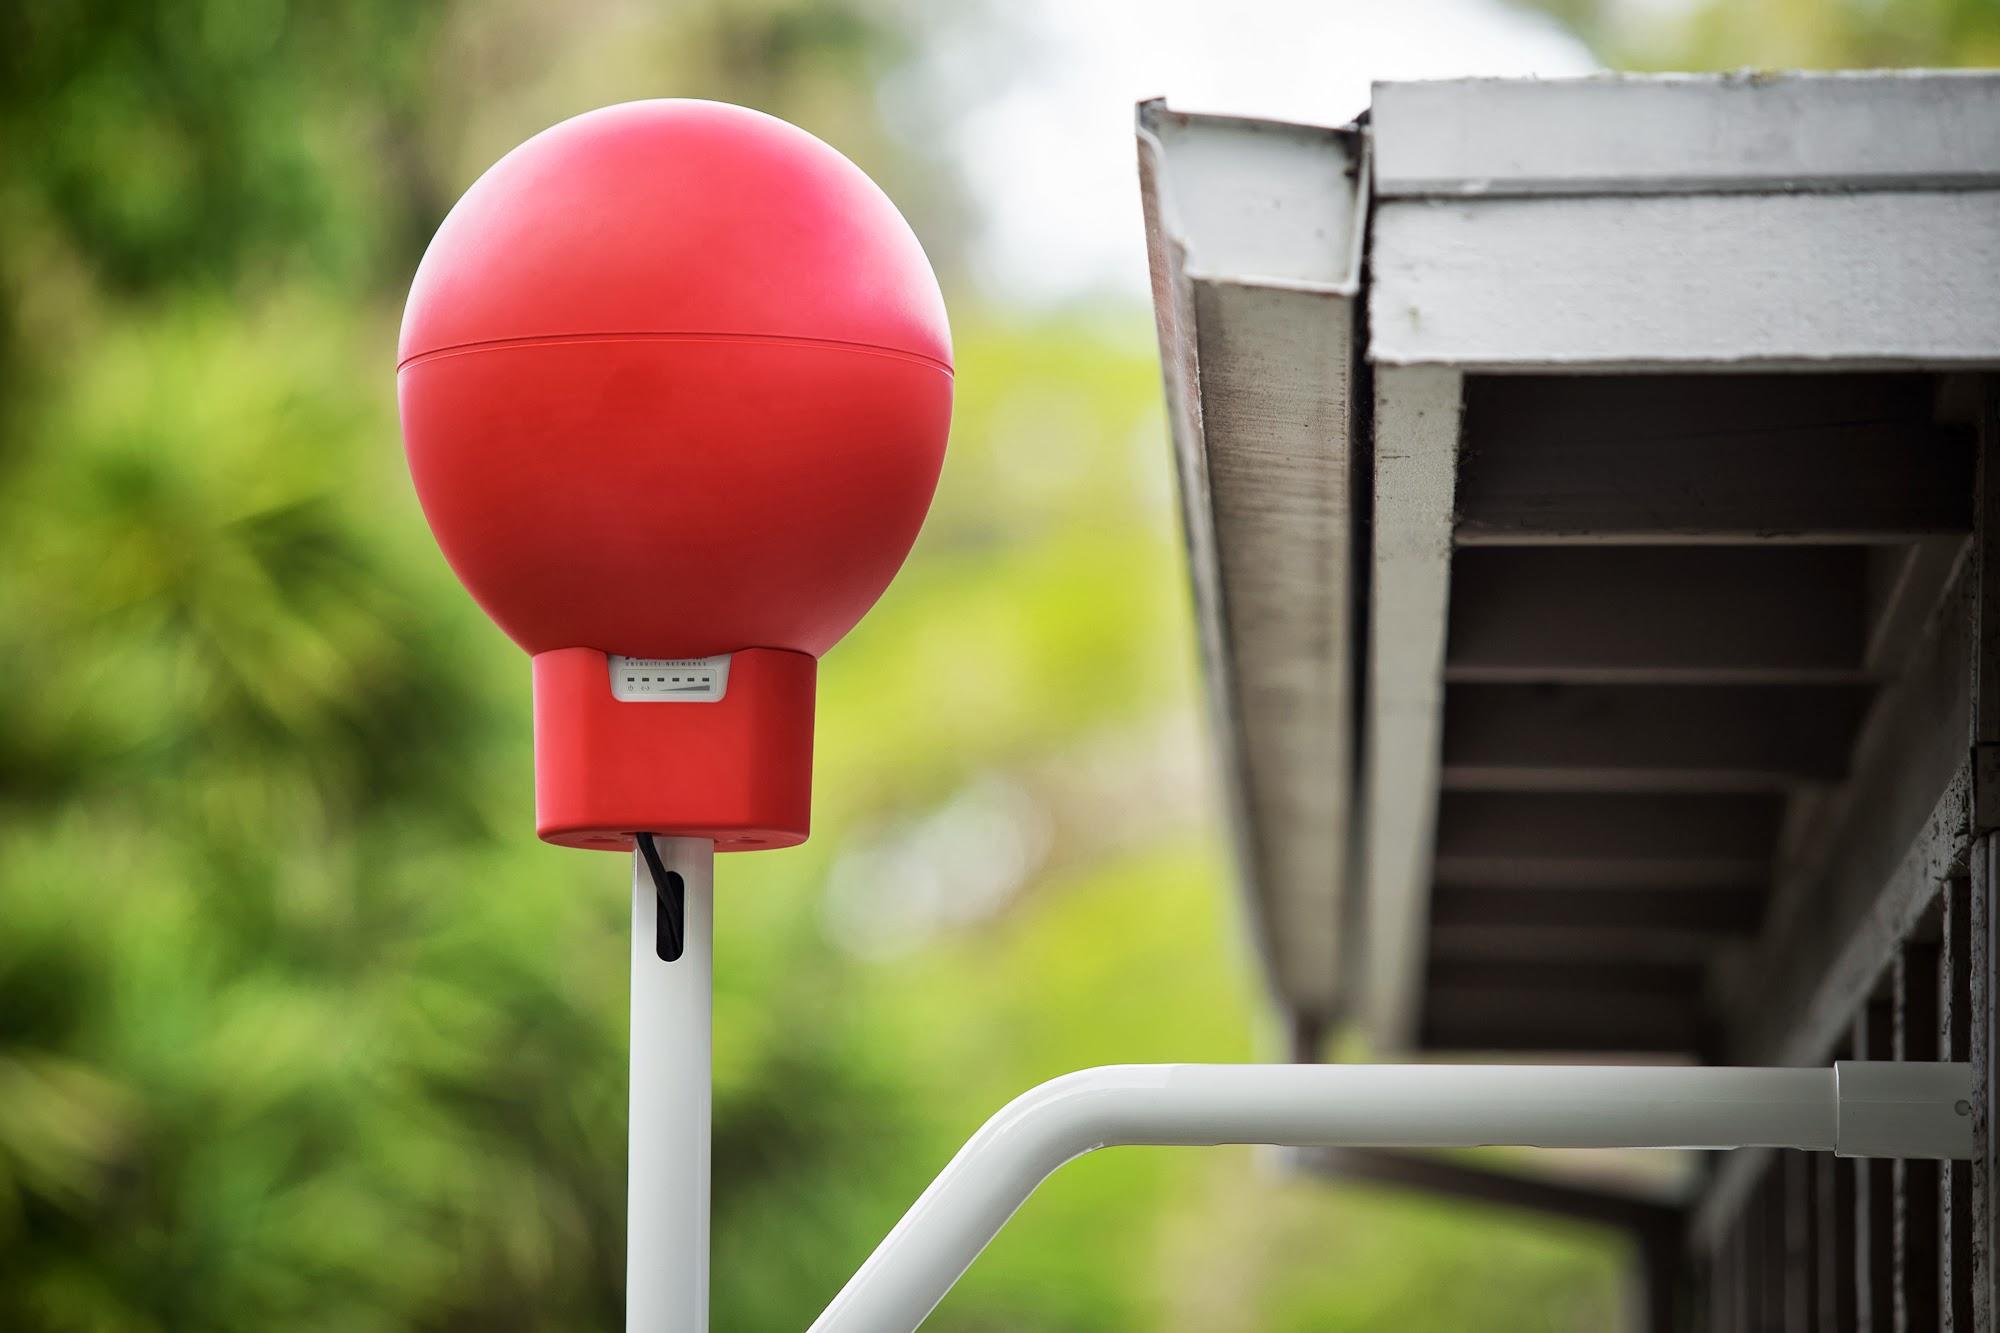 Рис. 3. Модем для выхода в интернет через воздушные шары Google Loon установлен на крыше одного из участников эксперимента